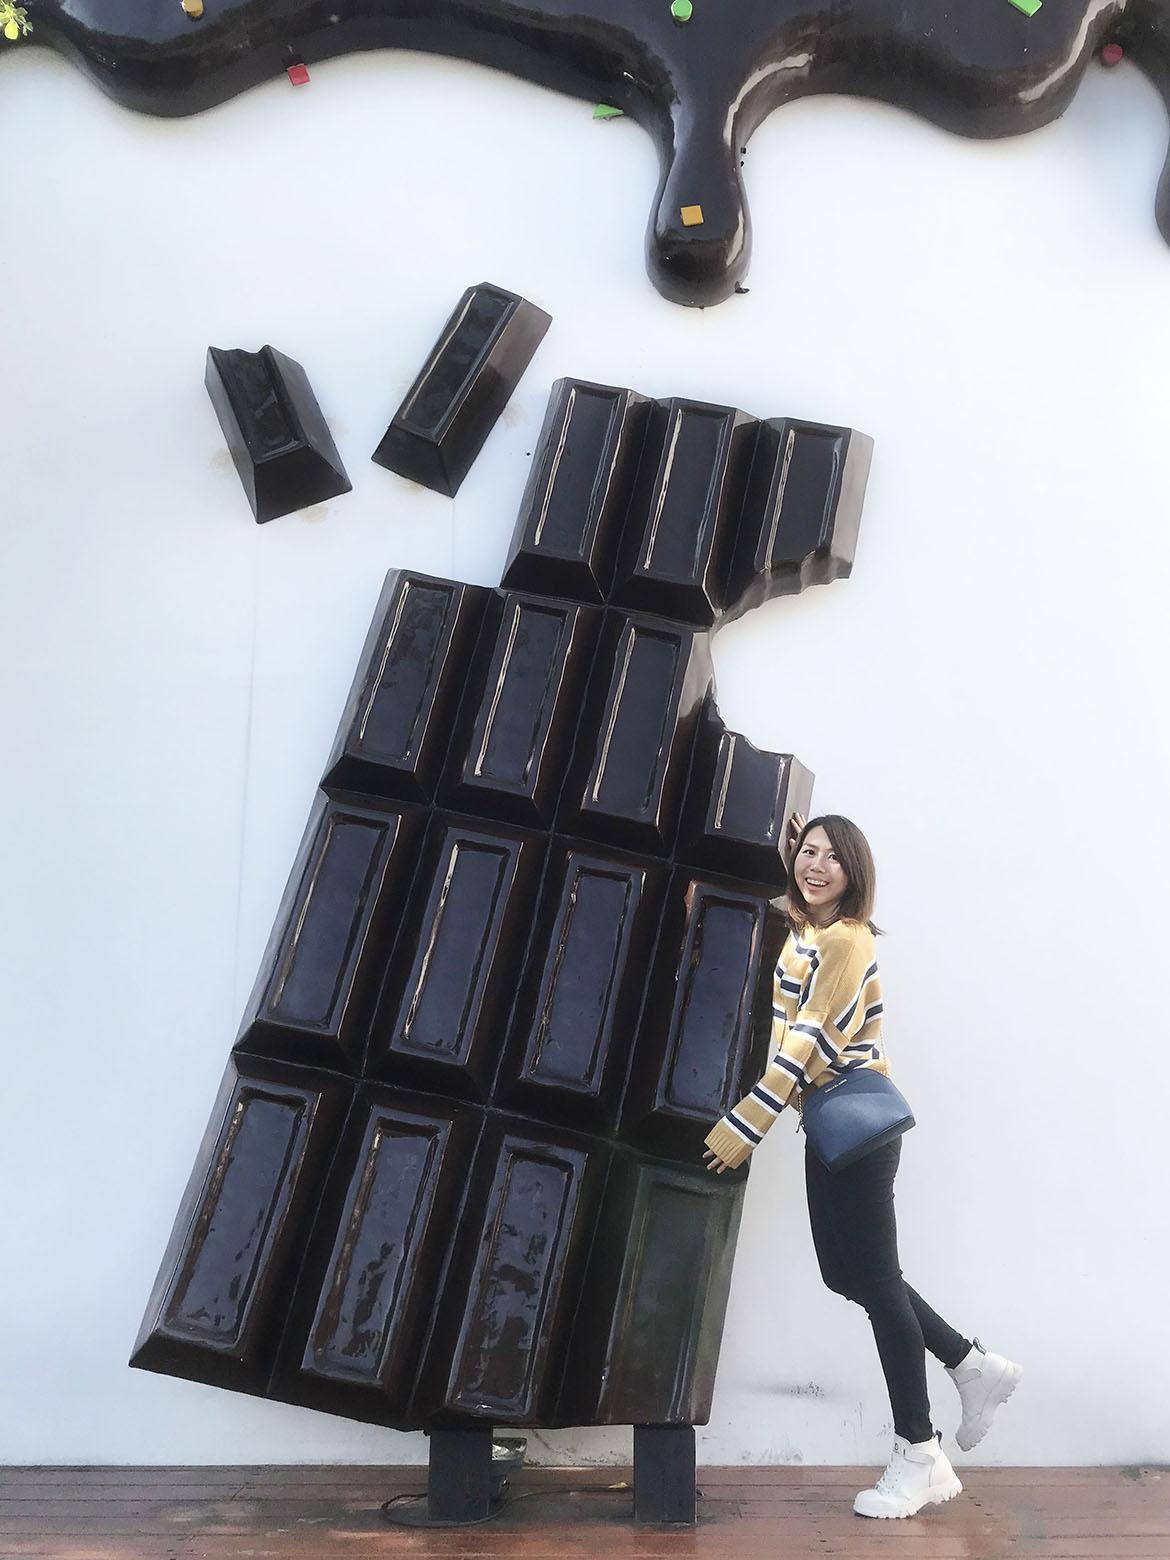 18度C巧克力工房 feeling 18